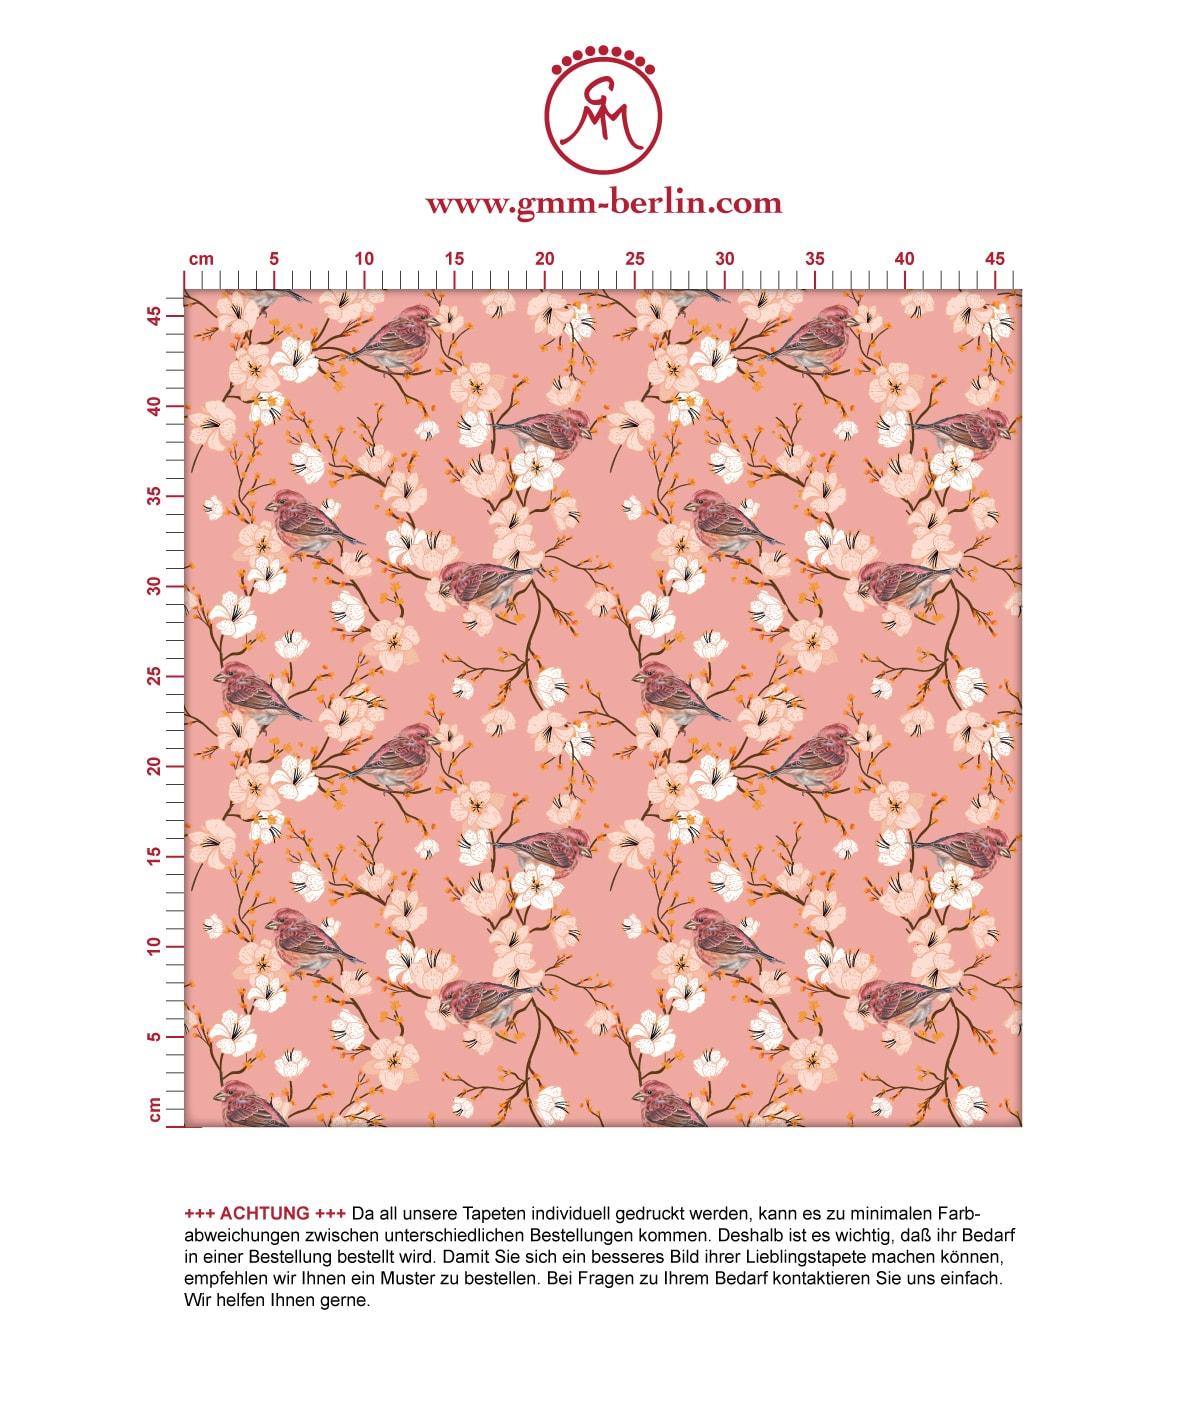 """Frühlings Tapete """"Kirschblüten Spatz"""" mit Vögeln, rosa Vlies Tapete Blumen Tiere, frische Wanddeko für Küche. Aus dem GMM-BERLIN.com Sortiment: Schöne Tapeten in der Farbe: Pink"""